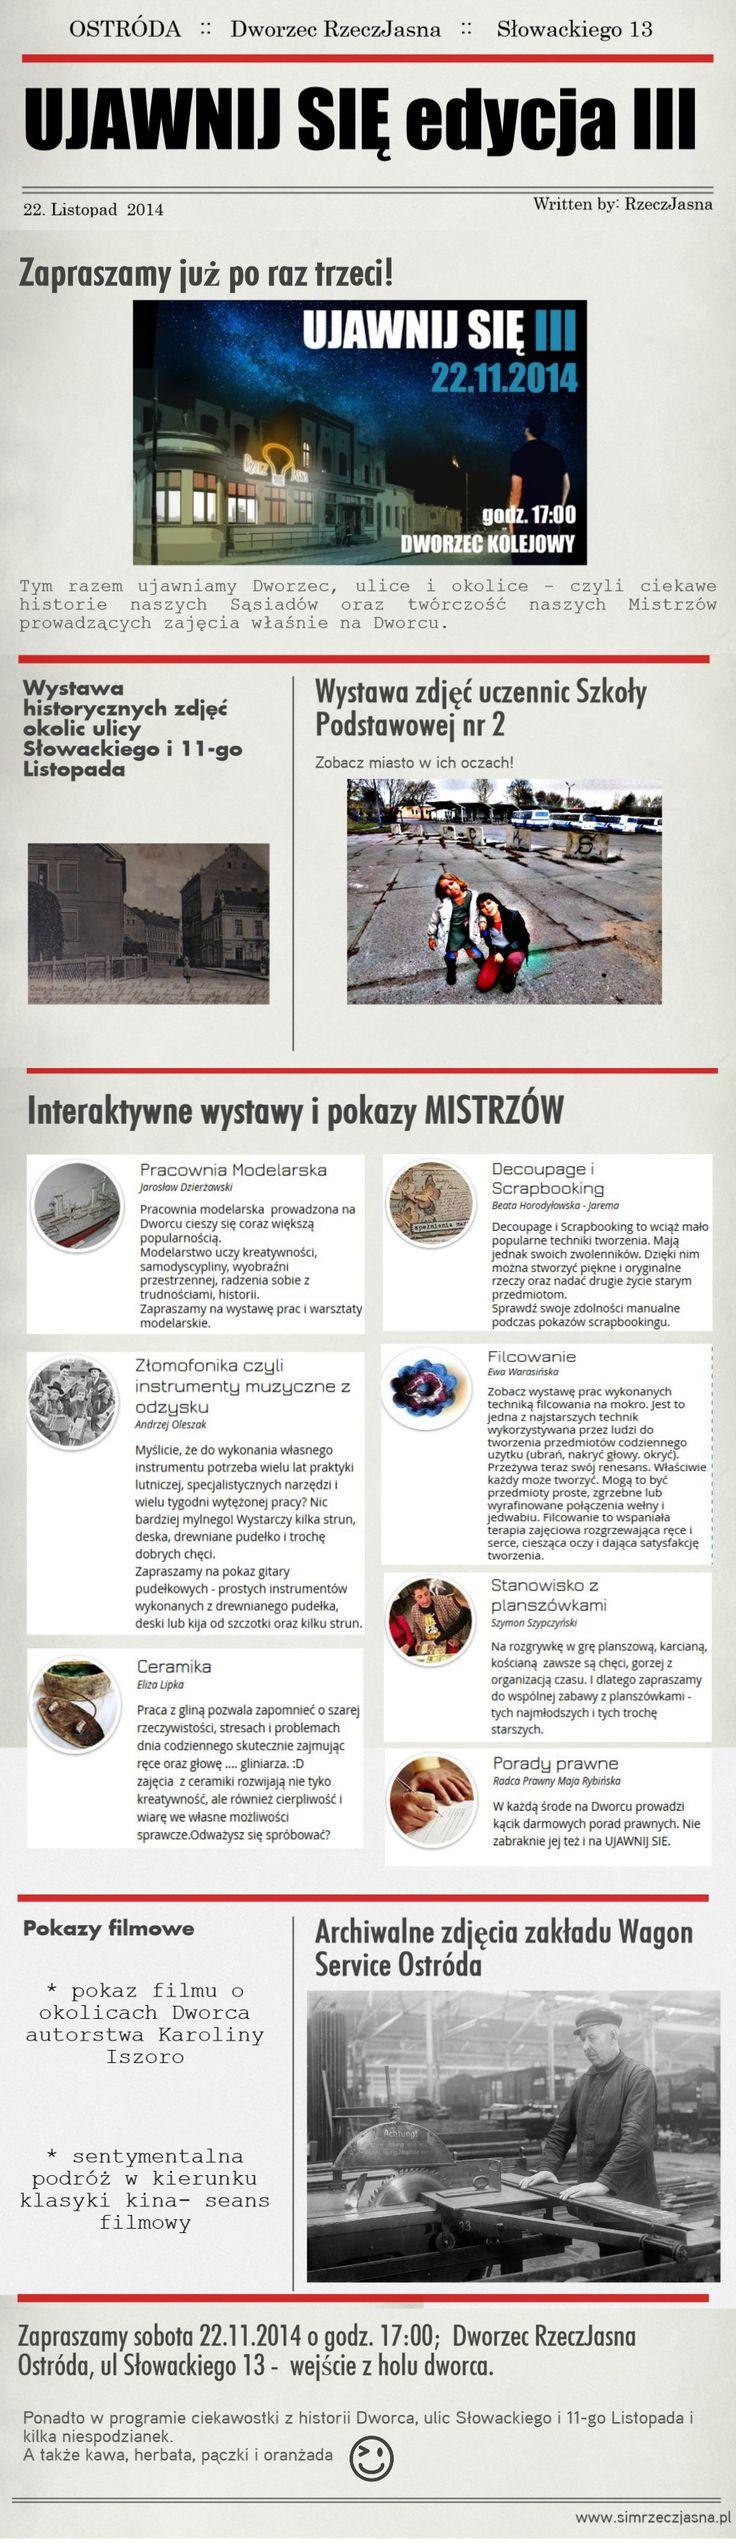 Program III edycji UJAWNIJ SIĘ - infografika